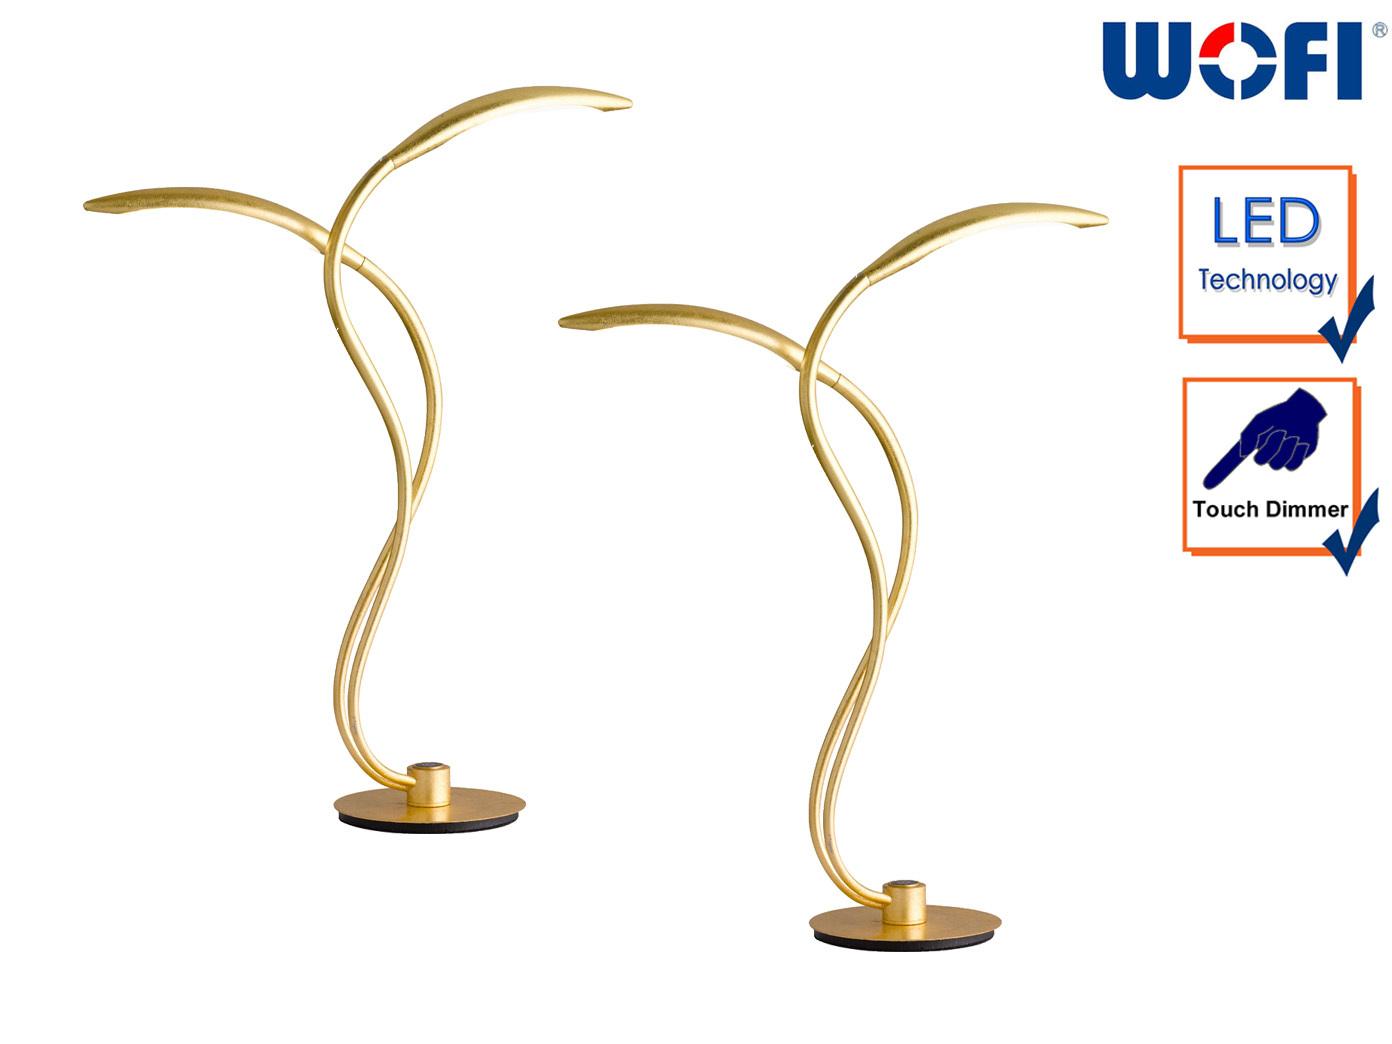 2 Design Tischleuchten Goldfarbig 10,4W LED, Tischlampe Wohnzimmer ...